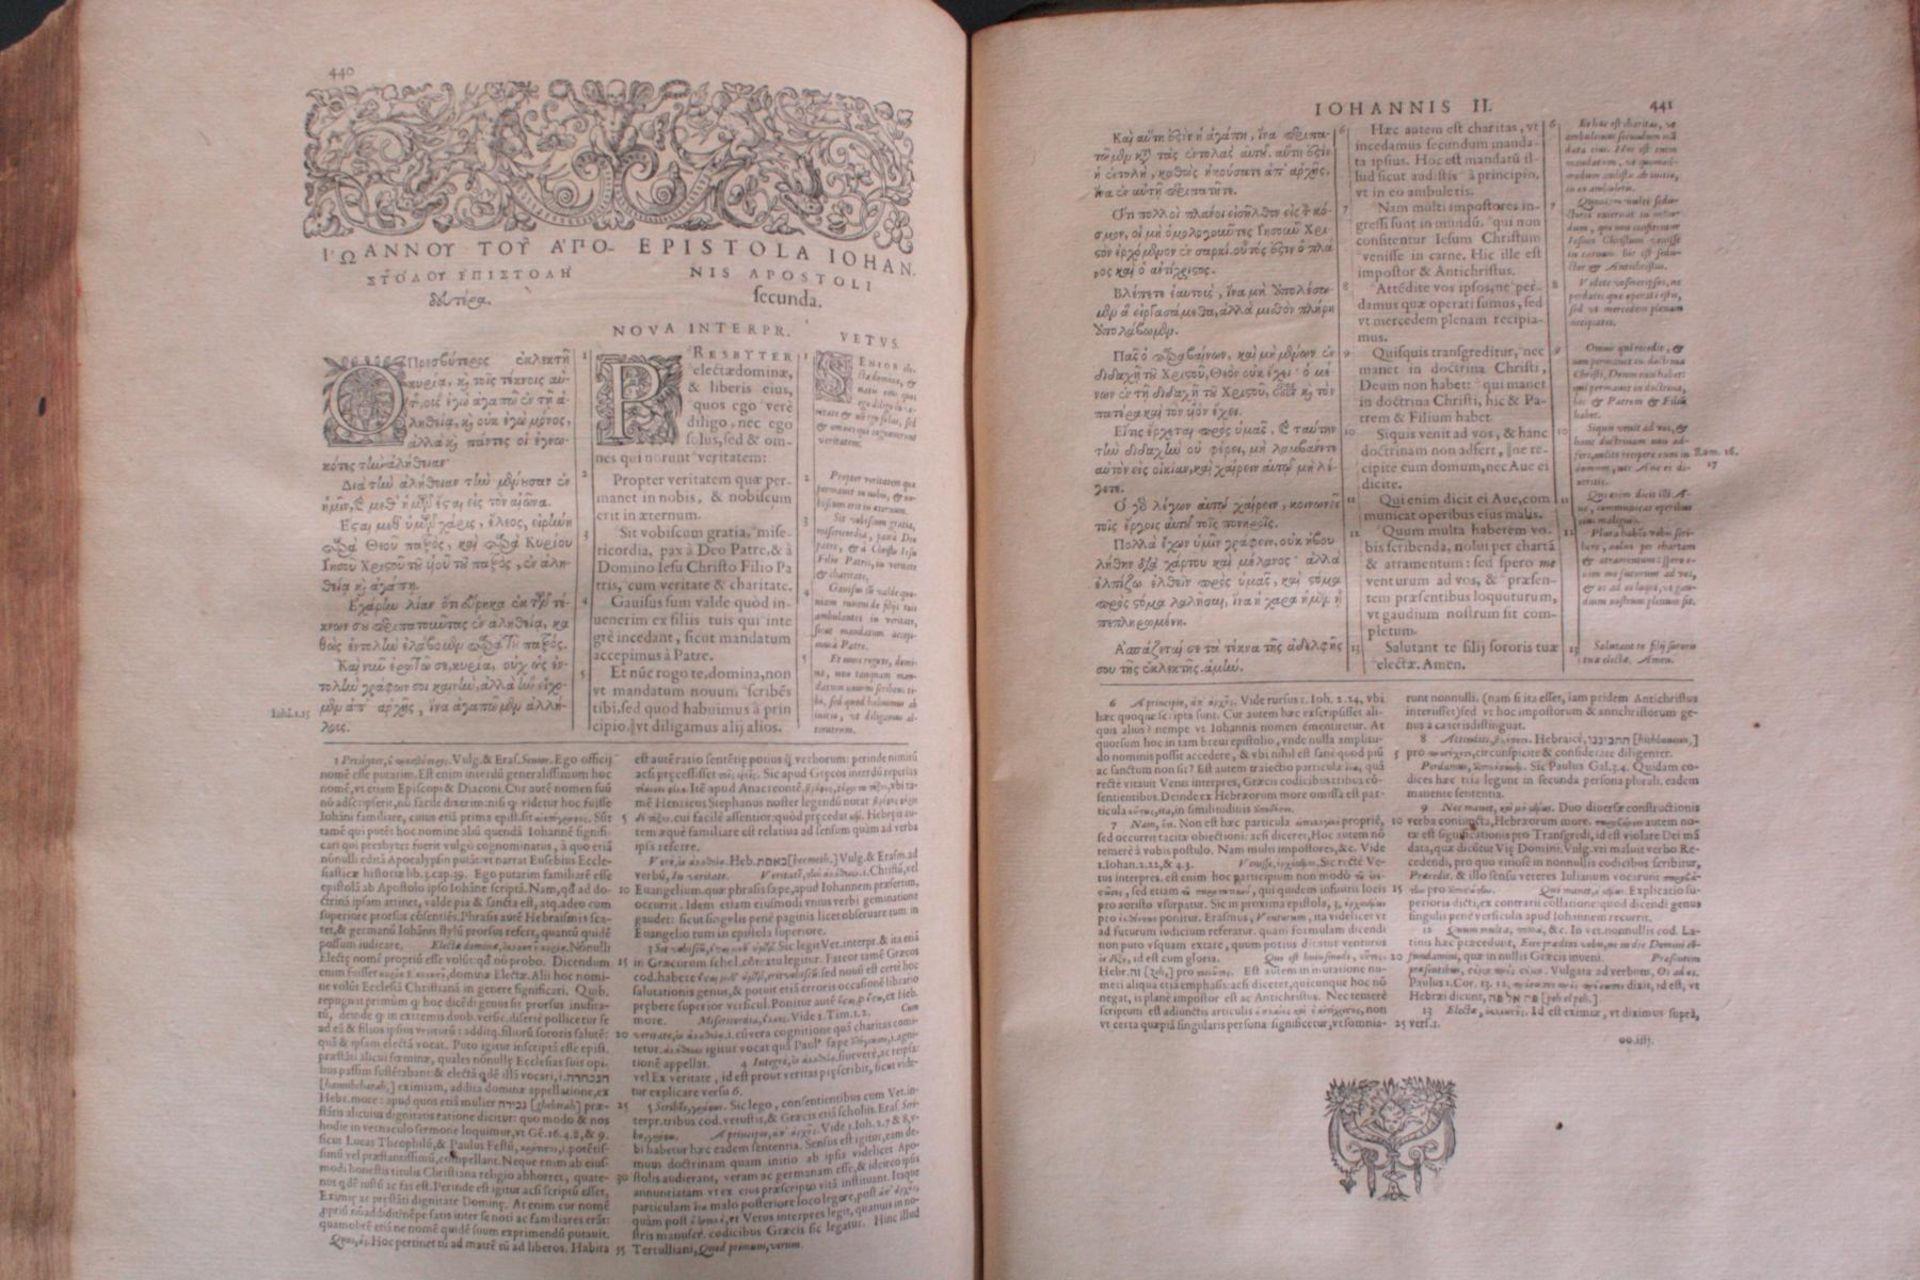 Griechische-Lateinische Bibel, Novum Testamentum 1582 - Bild 18 aus 23